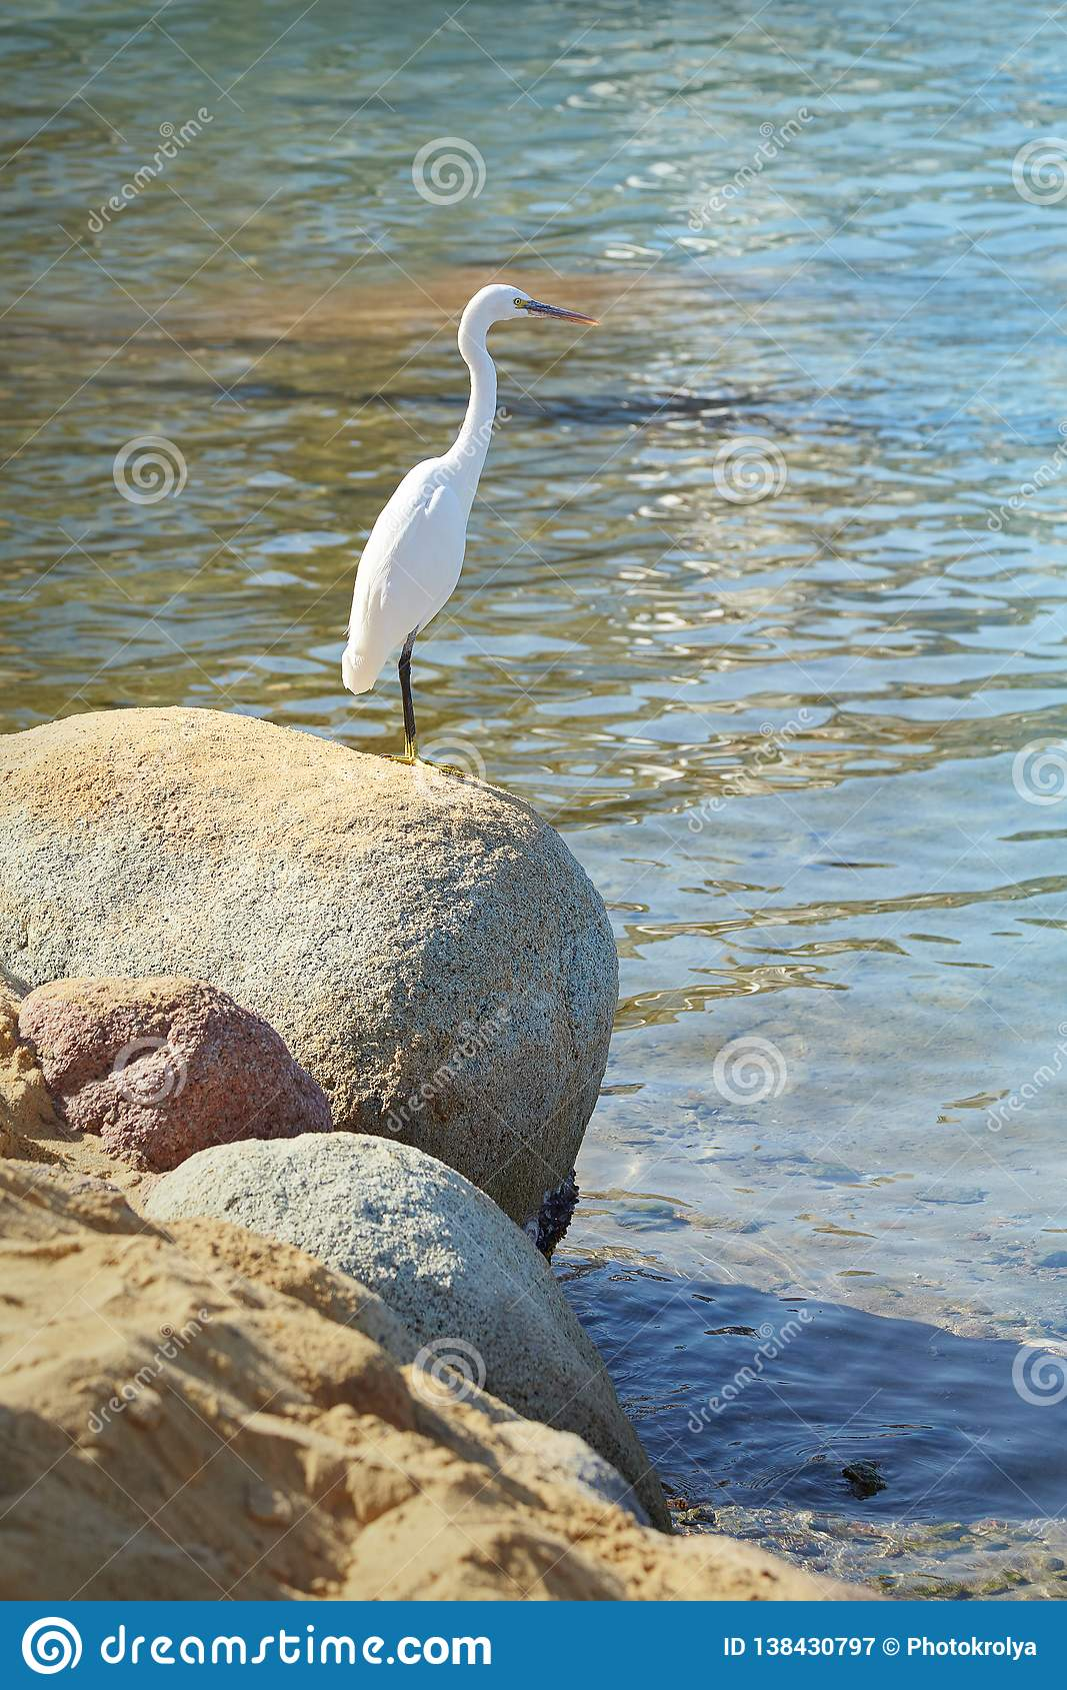 Άσπρος ερωδιός στην πέτρα σε μια ακροθαλασσιά